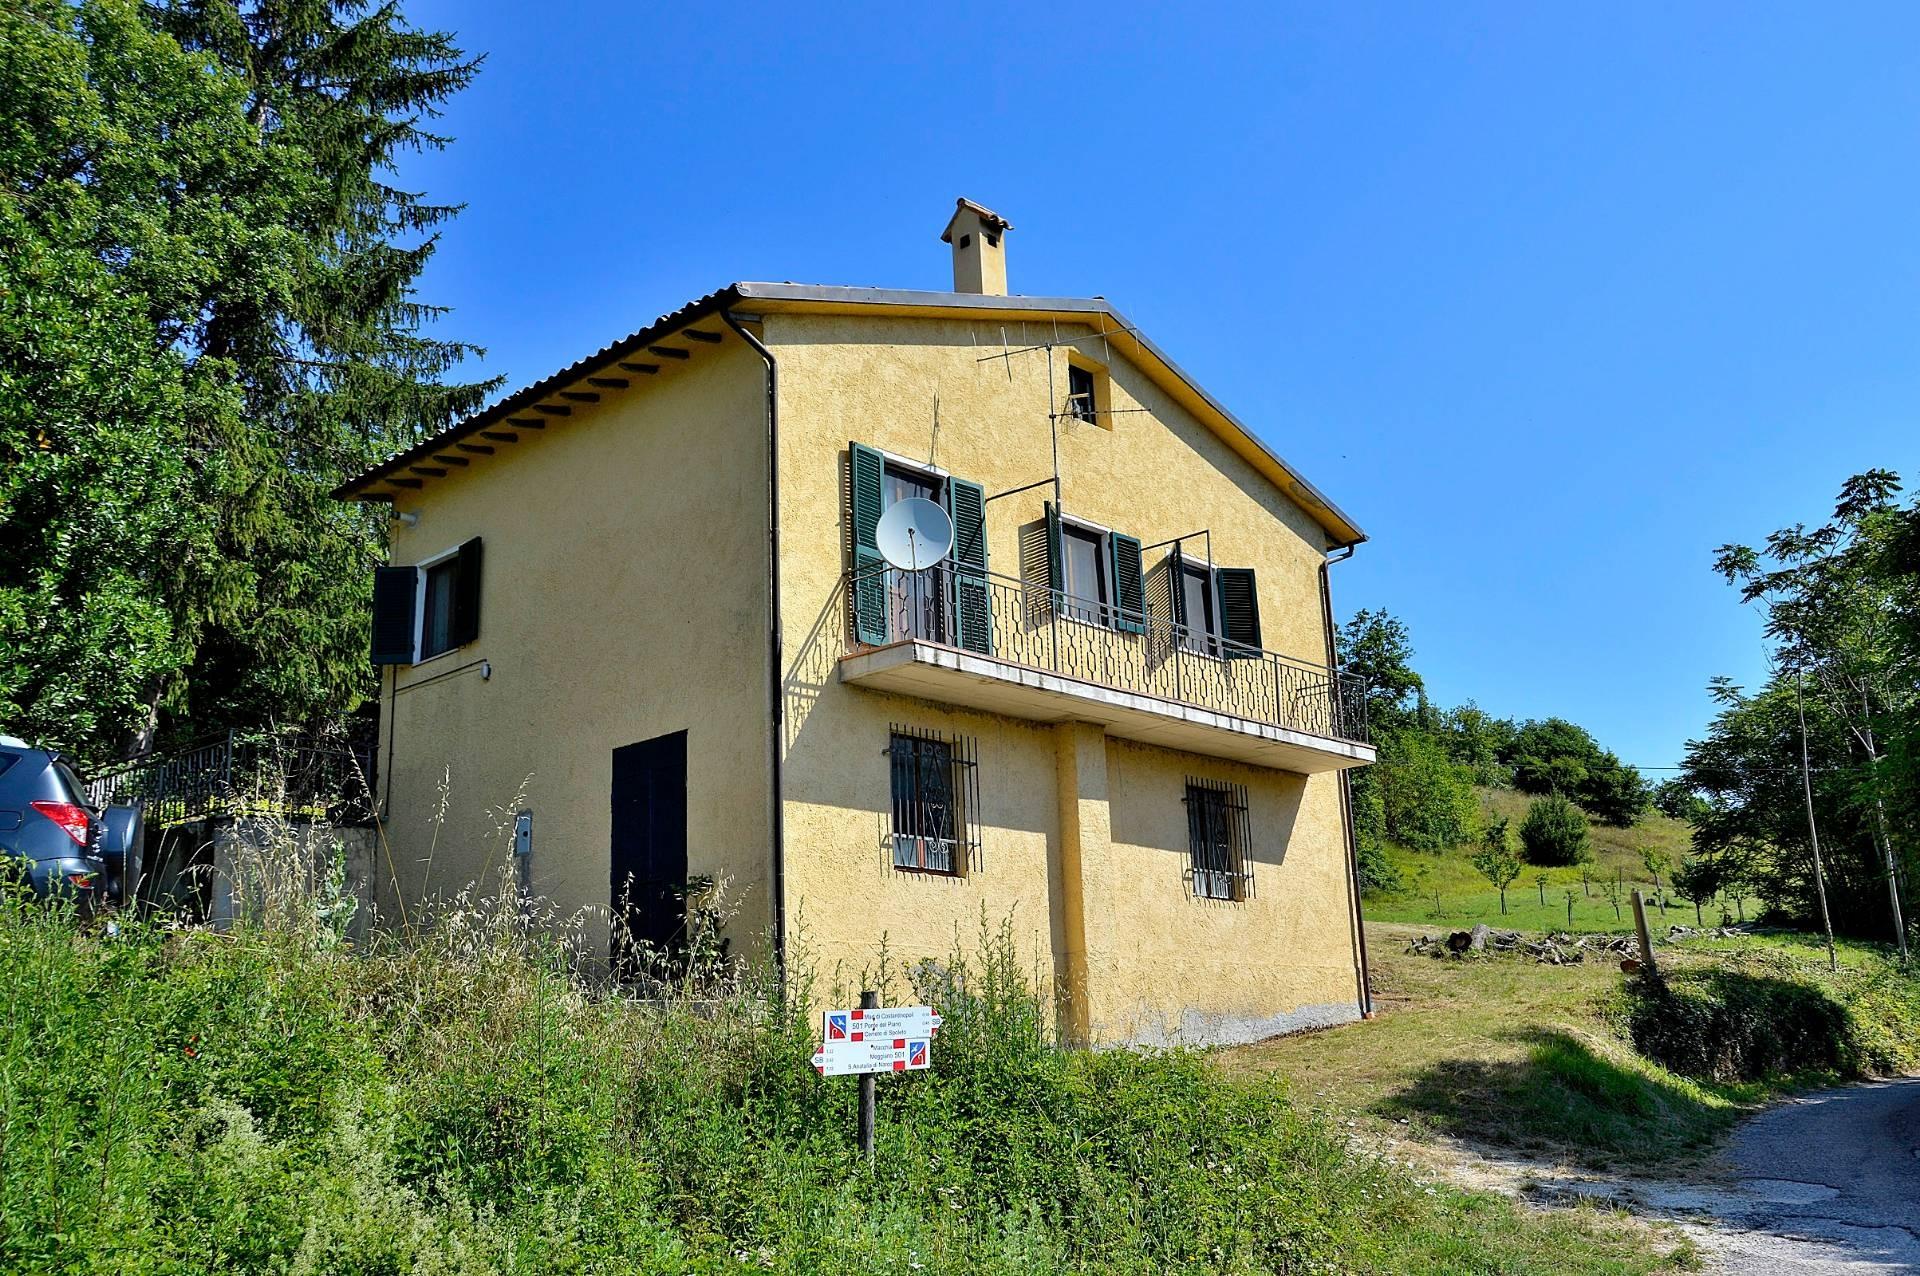 Villa in vendita a Cerreto di Spoleto, 6 locali, zona Località: Collesoglio, prezzo € 88.000 | CambioCasa.it